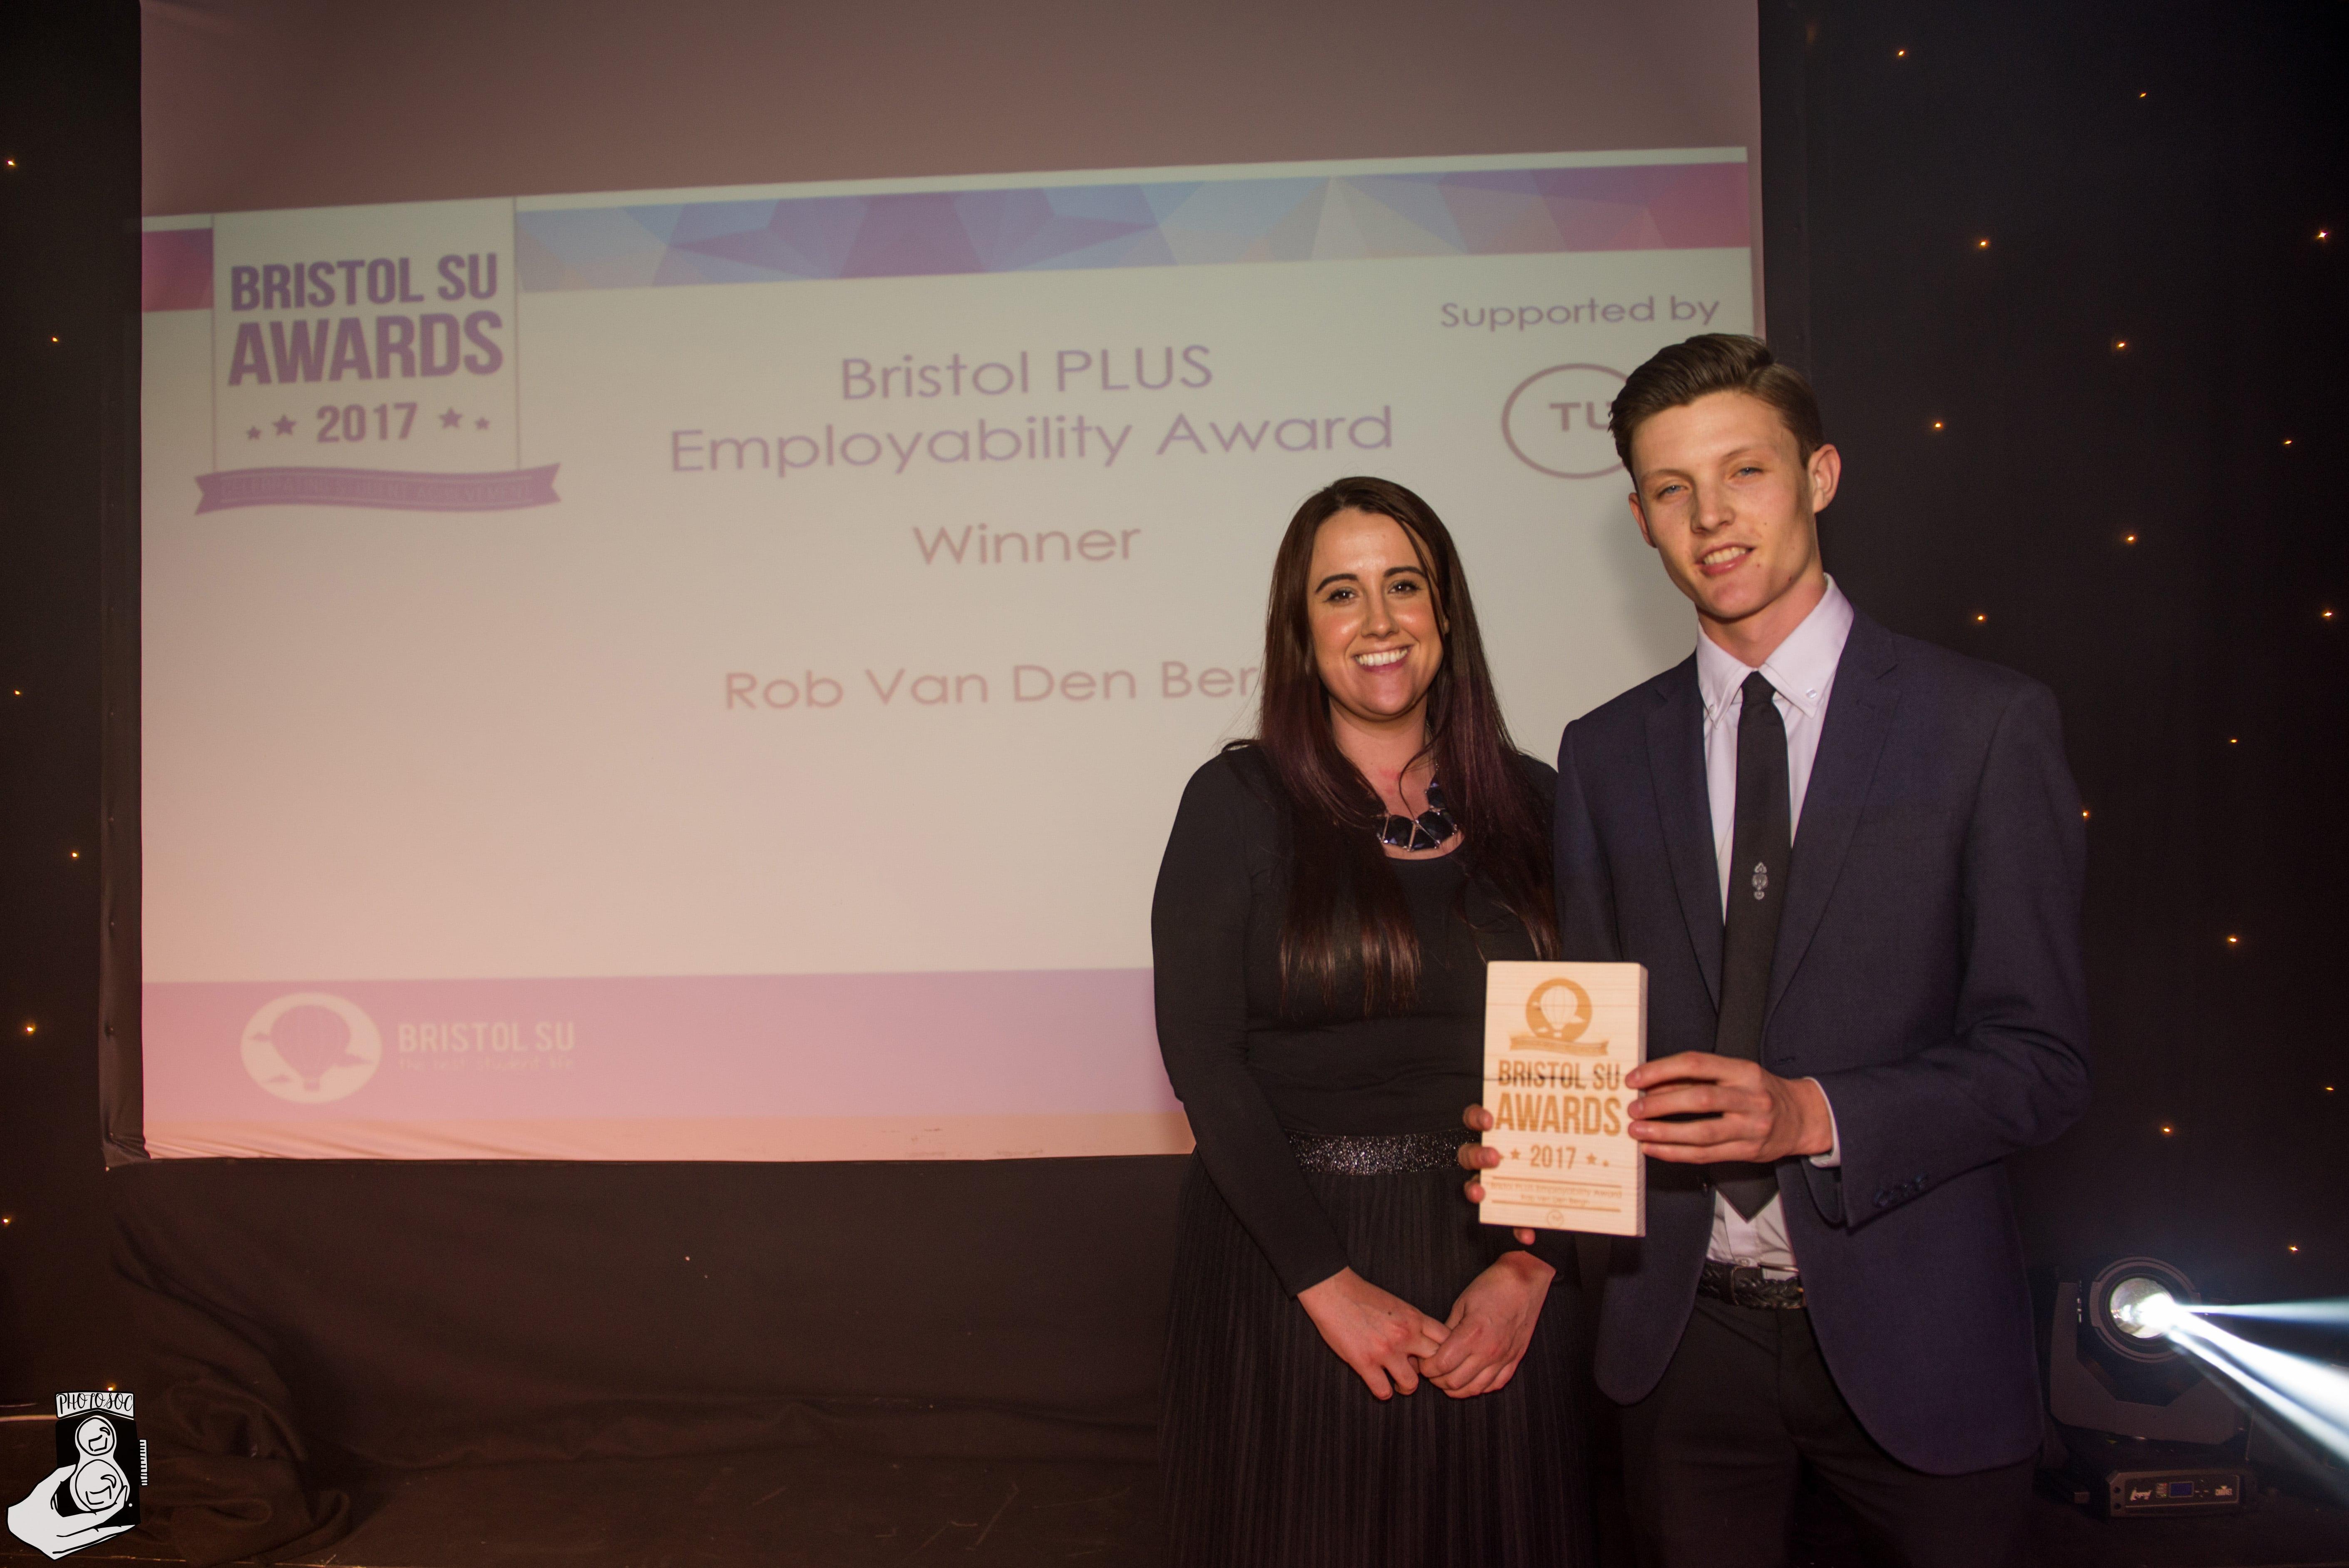 Rob Van Den Burgh winning Employability award